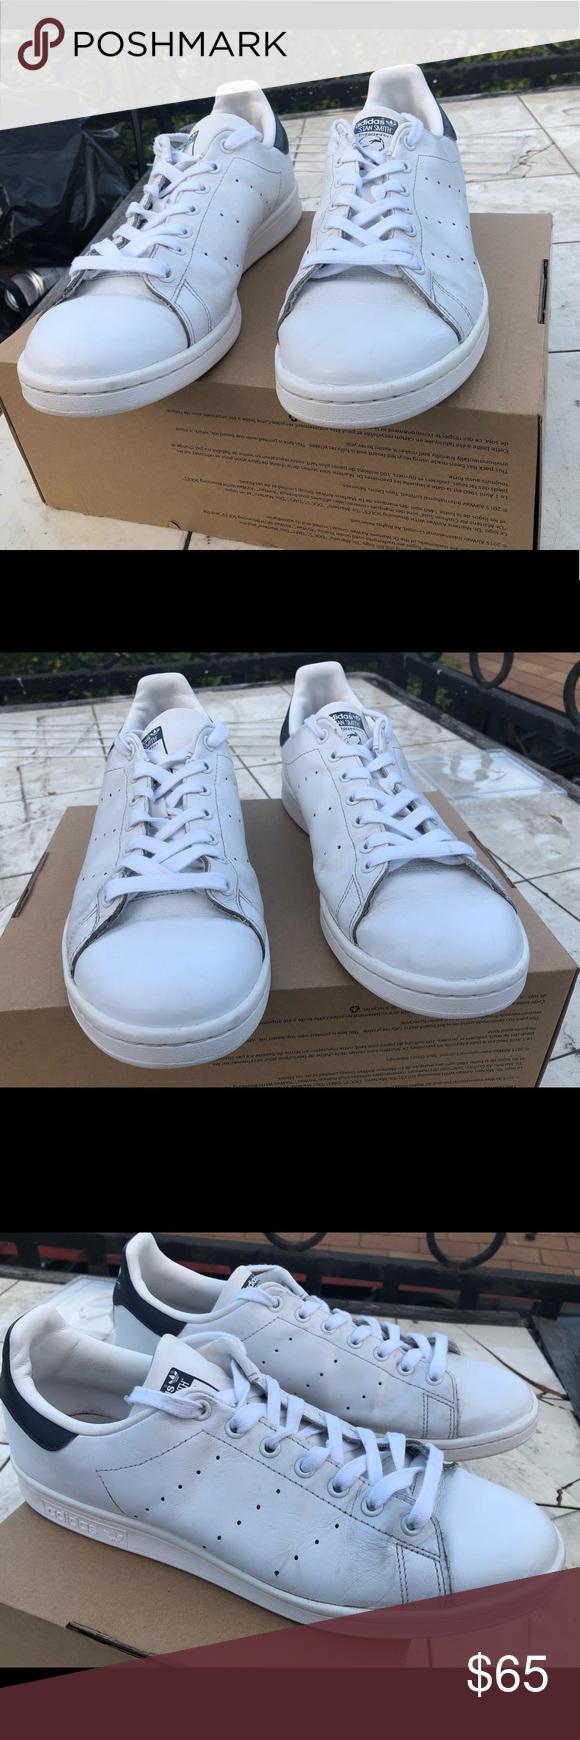 Men S Originals Stan Smith Shoes M20325 Sz 12 Stan Smith Shoes White Adidas Original Stan Smith